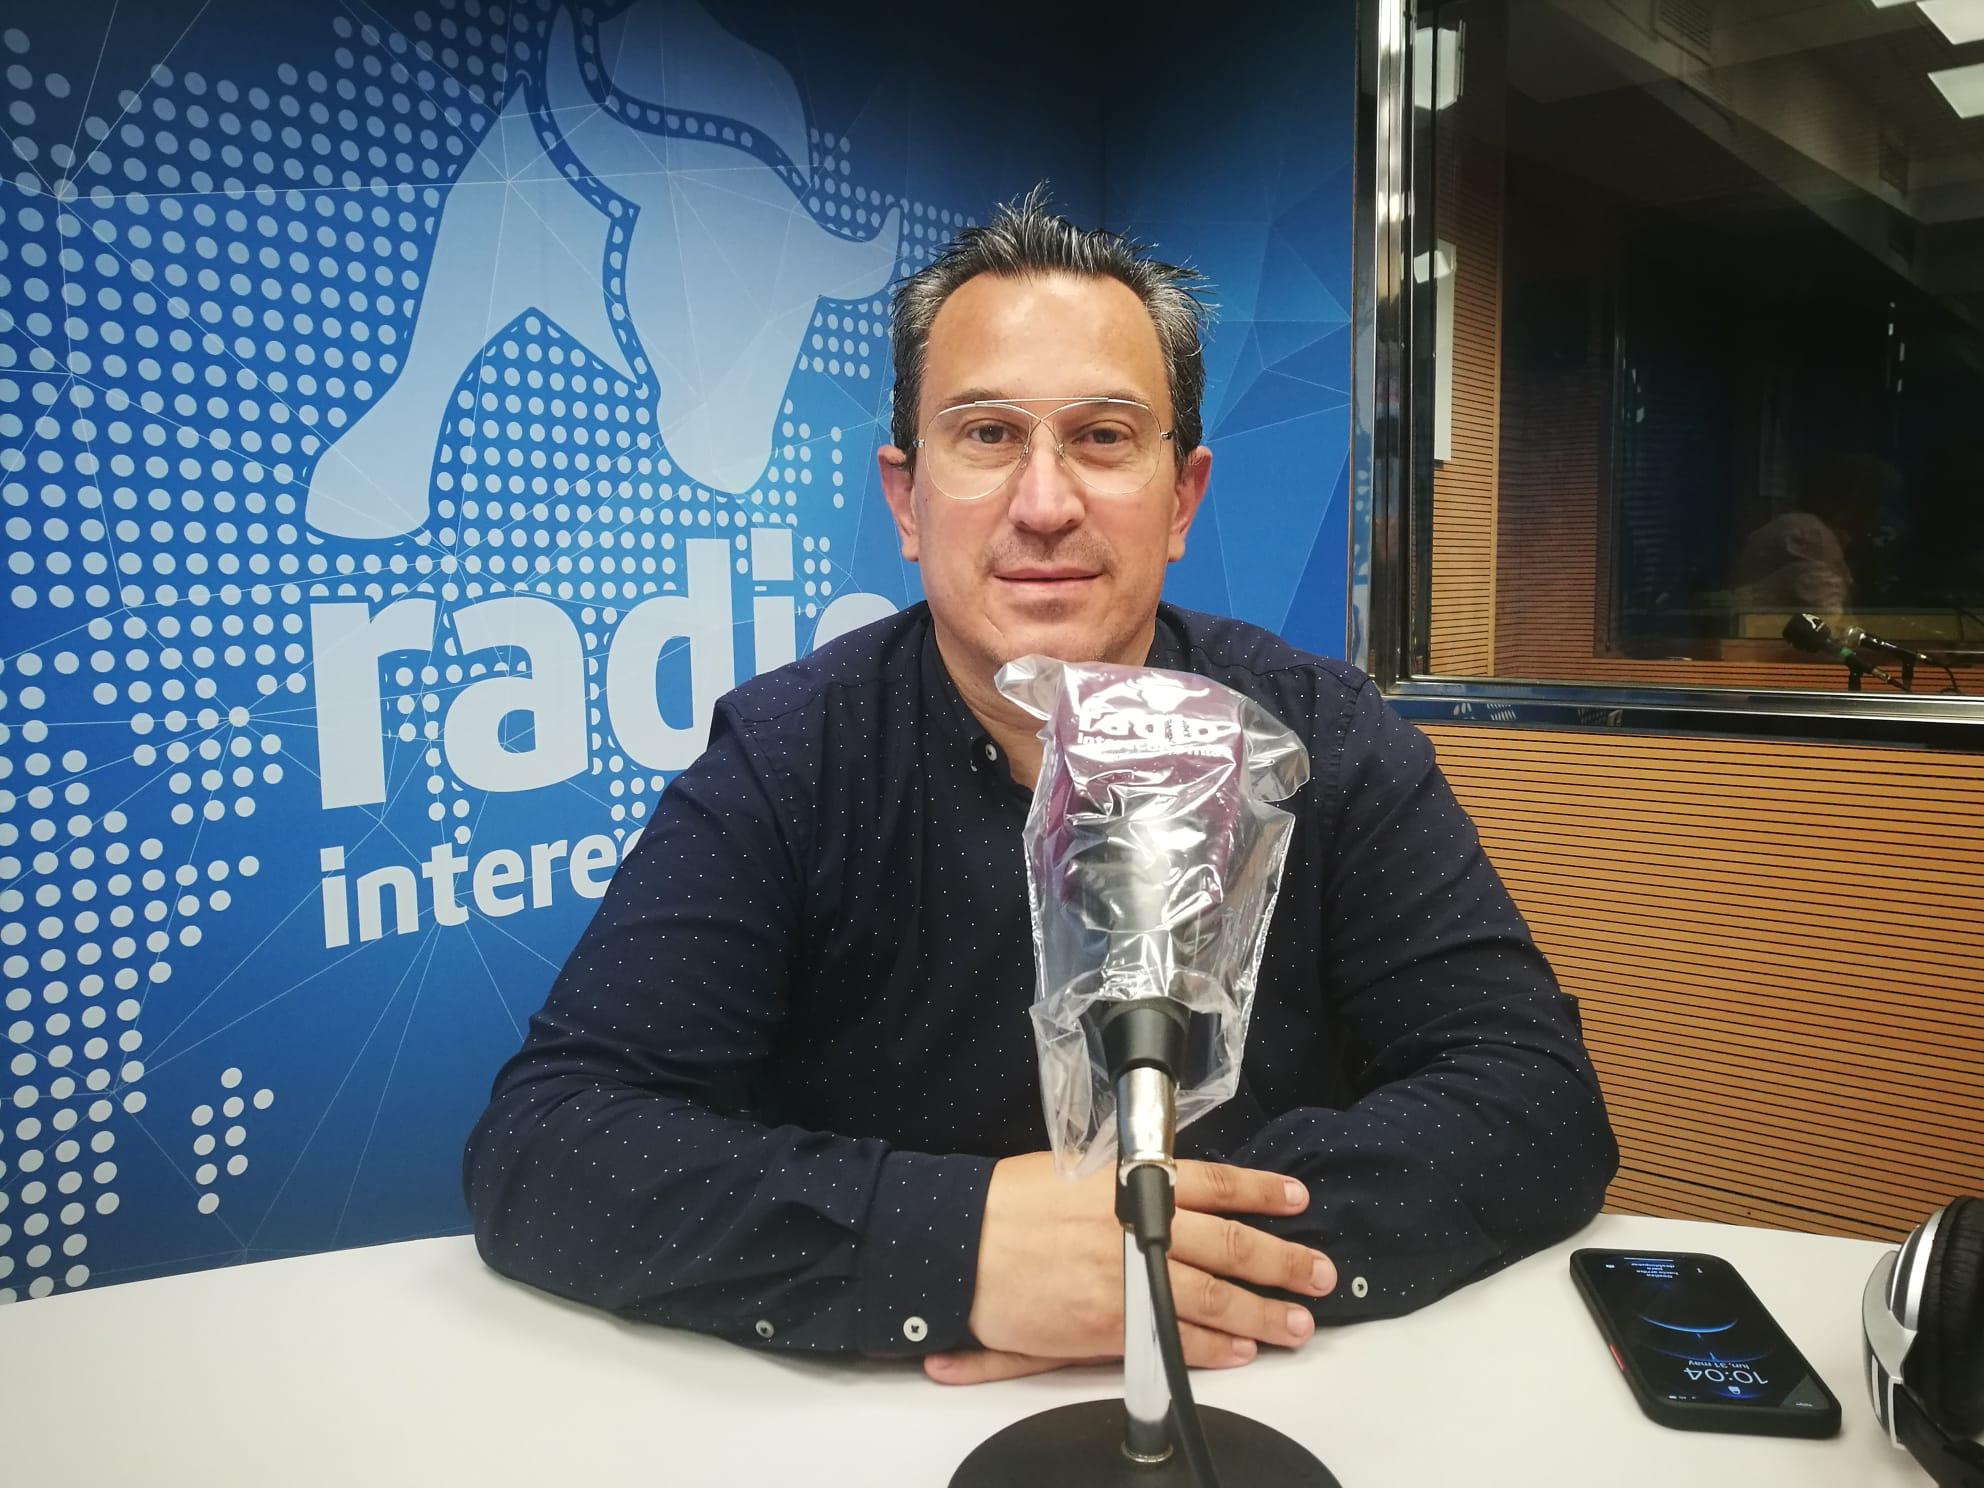 """Víctor Pérez en El Intercafé: """"El ocio reglado debe estar abierto para evitar los botellones"""""""